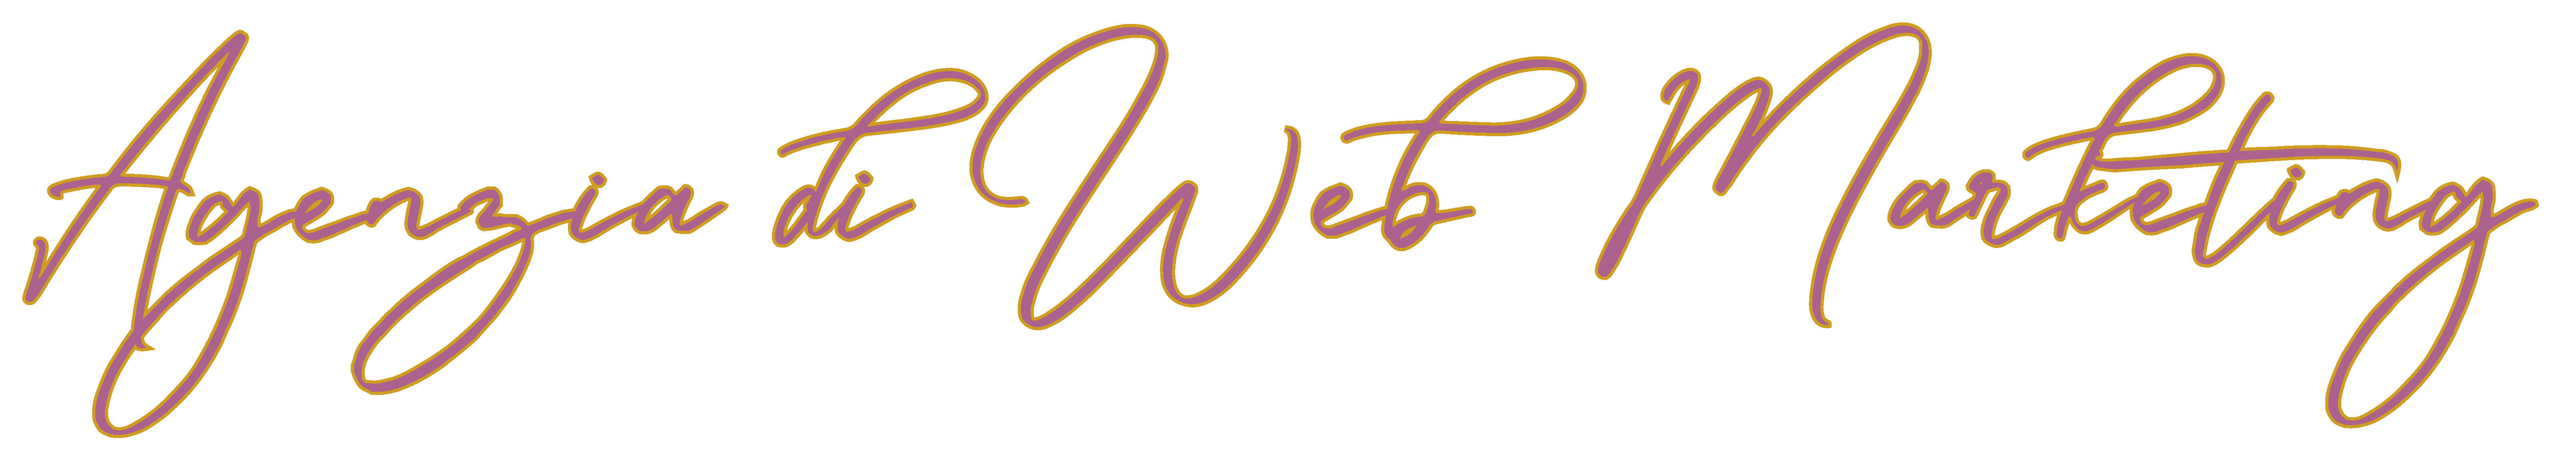 agenzia-di-web-marketing-milano